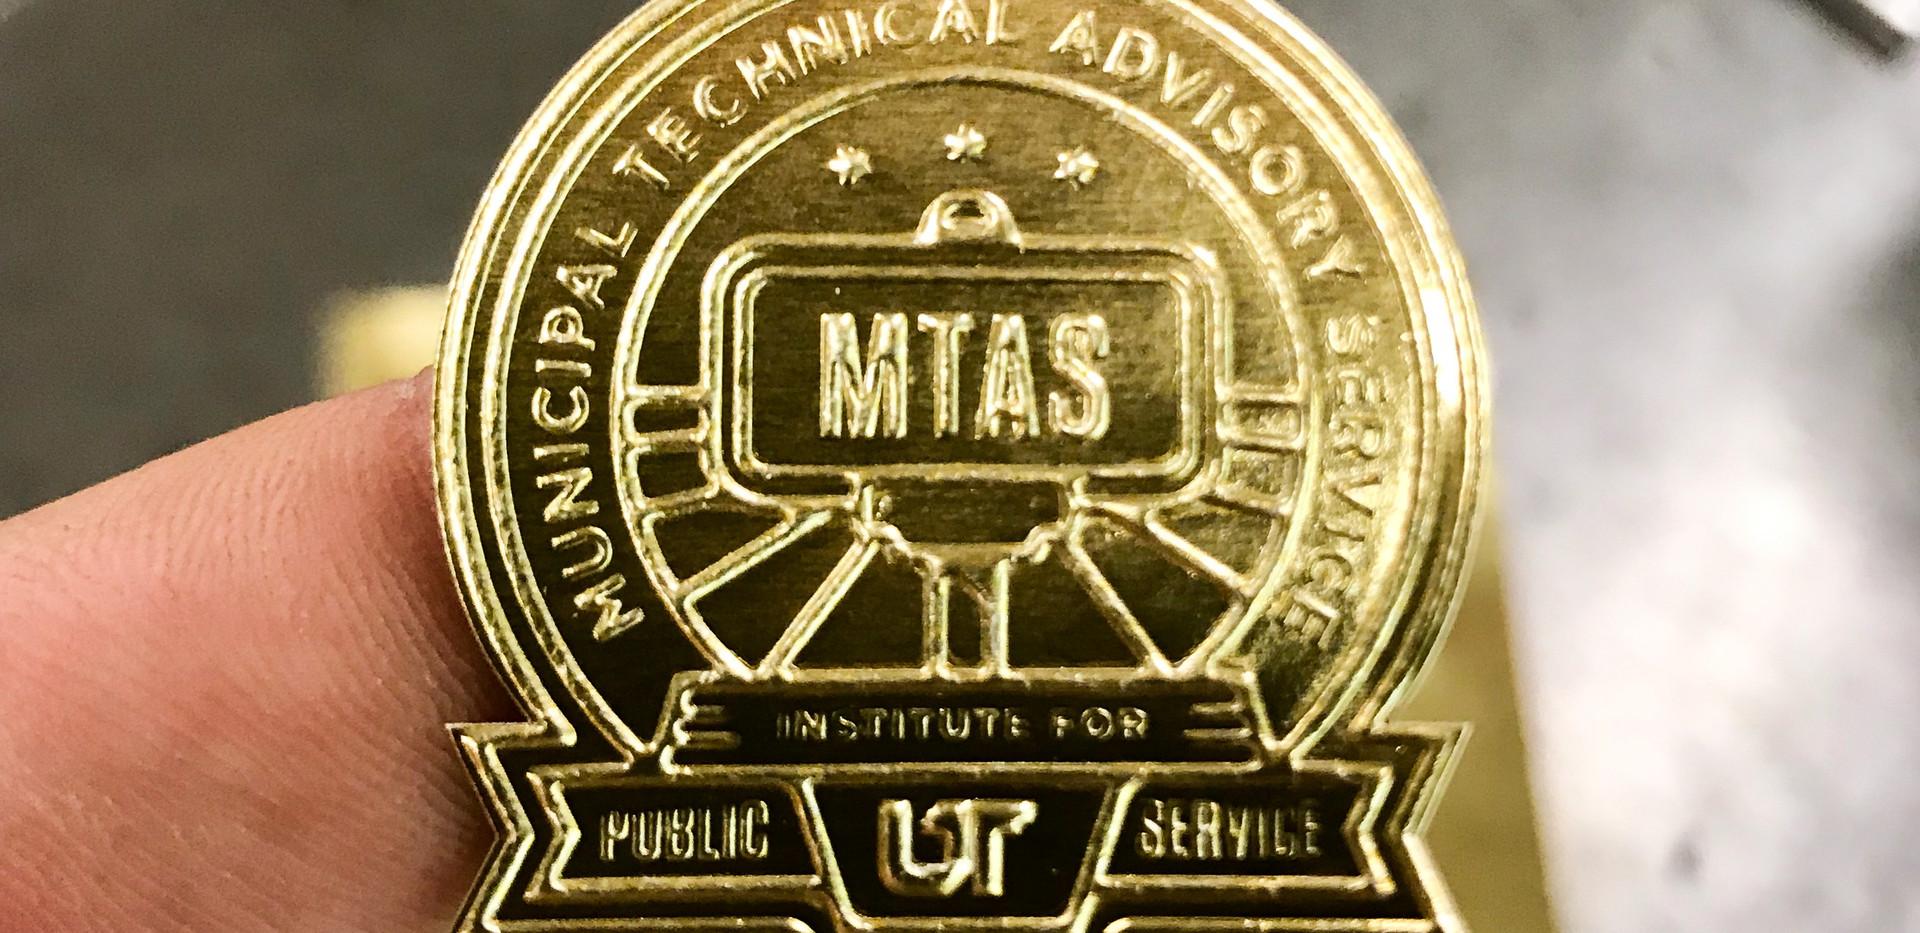 UT MTAS Label